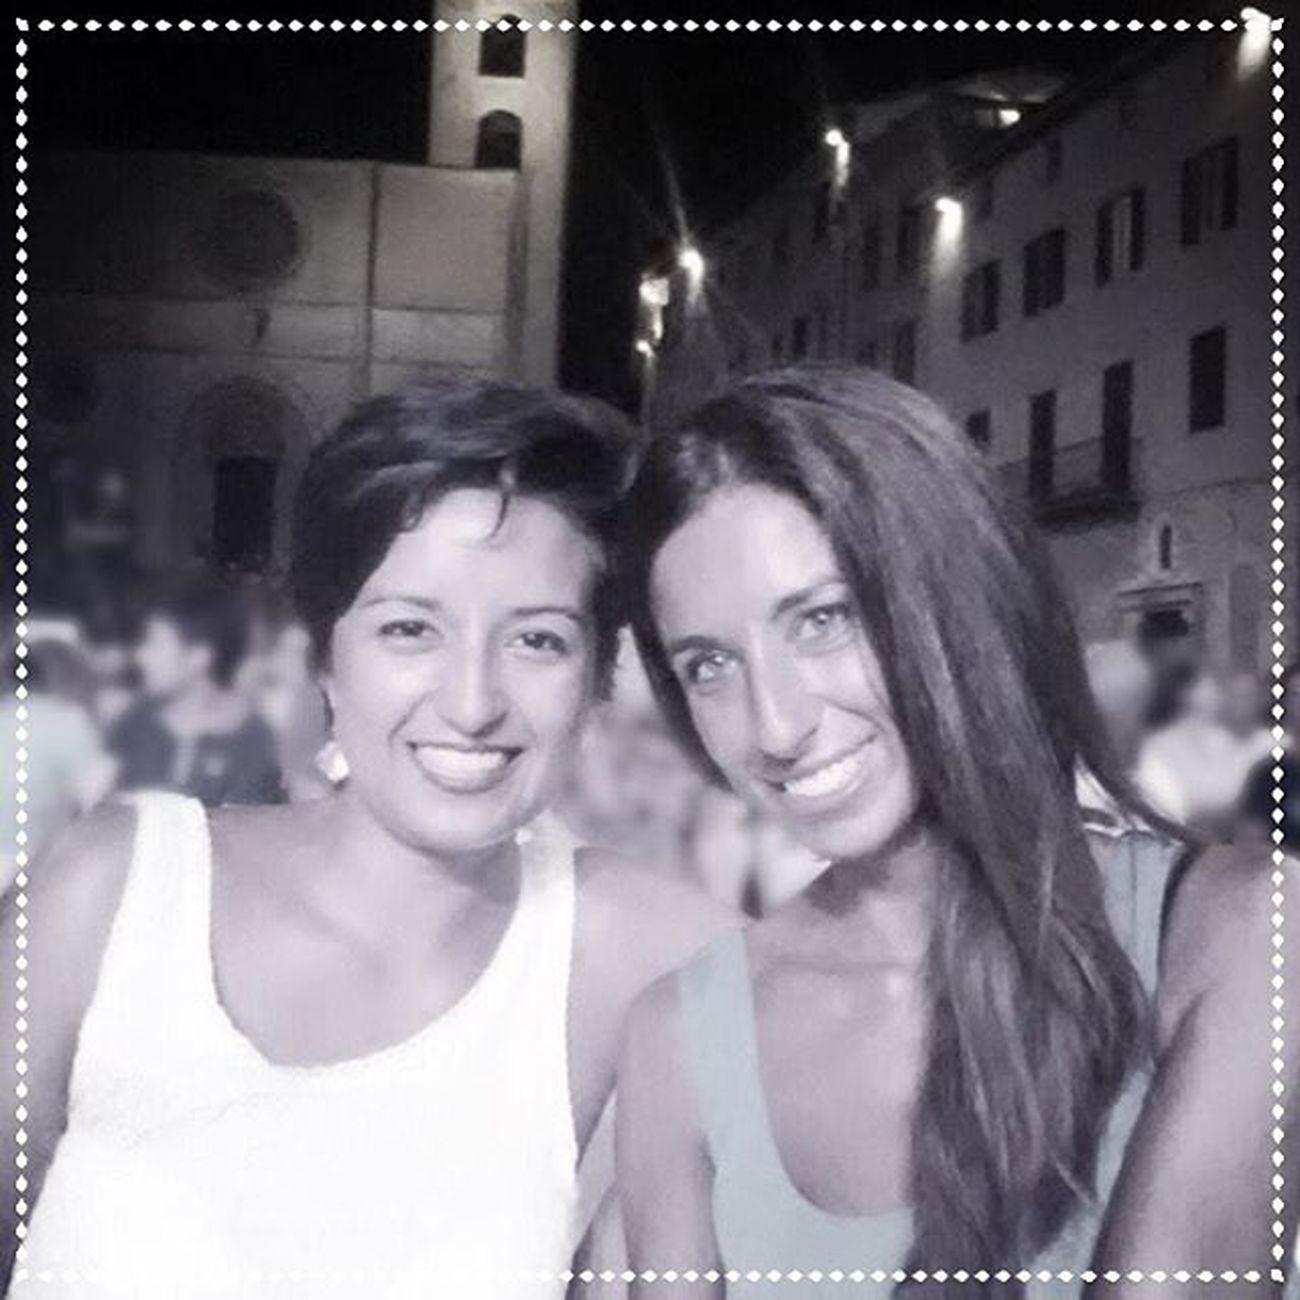 """💁🏽🙆🏽⏳⌛️1⃣5⃣ years of friendship Piazza del Popolo *Todi* // spettacolo di Enrico Brignano """"Evolushow 2.0"""" 07/08/2015 Con la mia 👸🏽 @la_president_ *** Amiche Todi  Instagood Umbria friends italy summer perugia love girls fridaynight italia igers summer2015 photooftheday gorgeousgirls enricobrignano summertime selfie friendship friendsforever happy brignanoshow evolushow teatro risate ig_umbria igersitalia igersumbria igerstodi"""